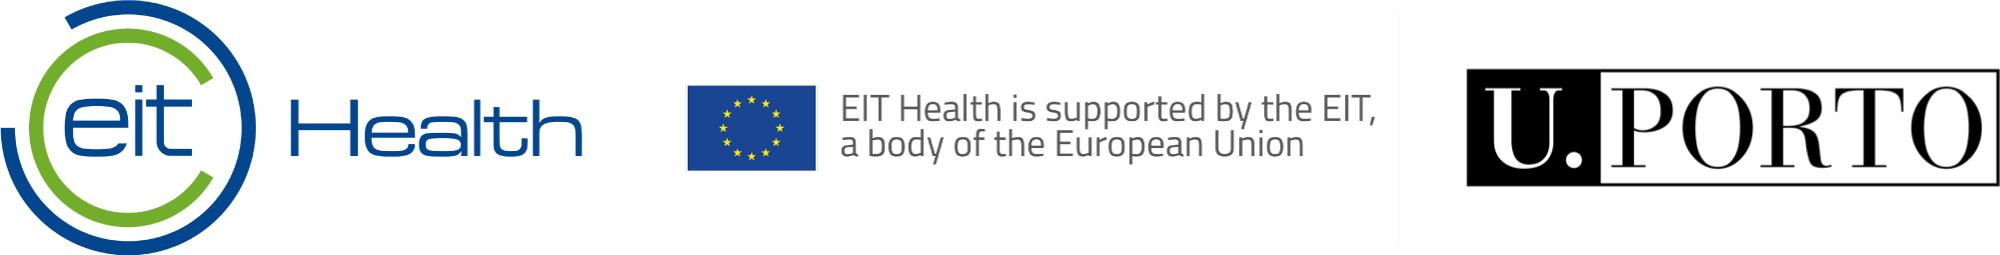 EIT Health Porto